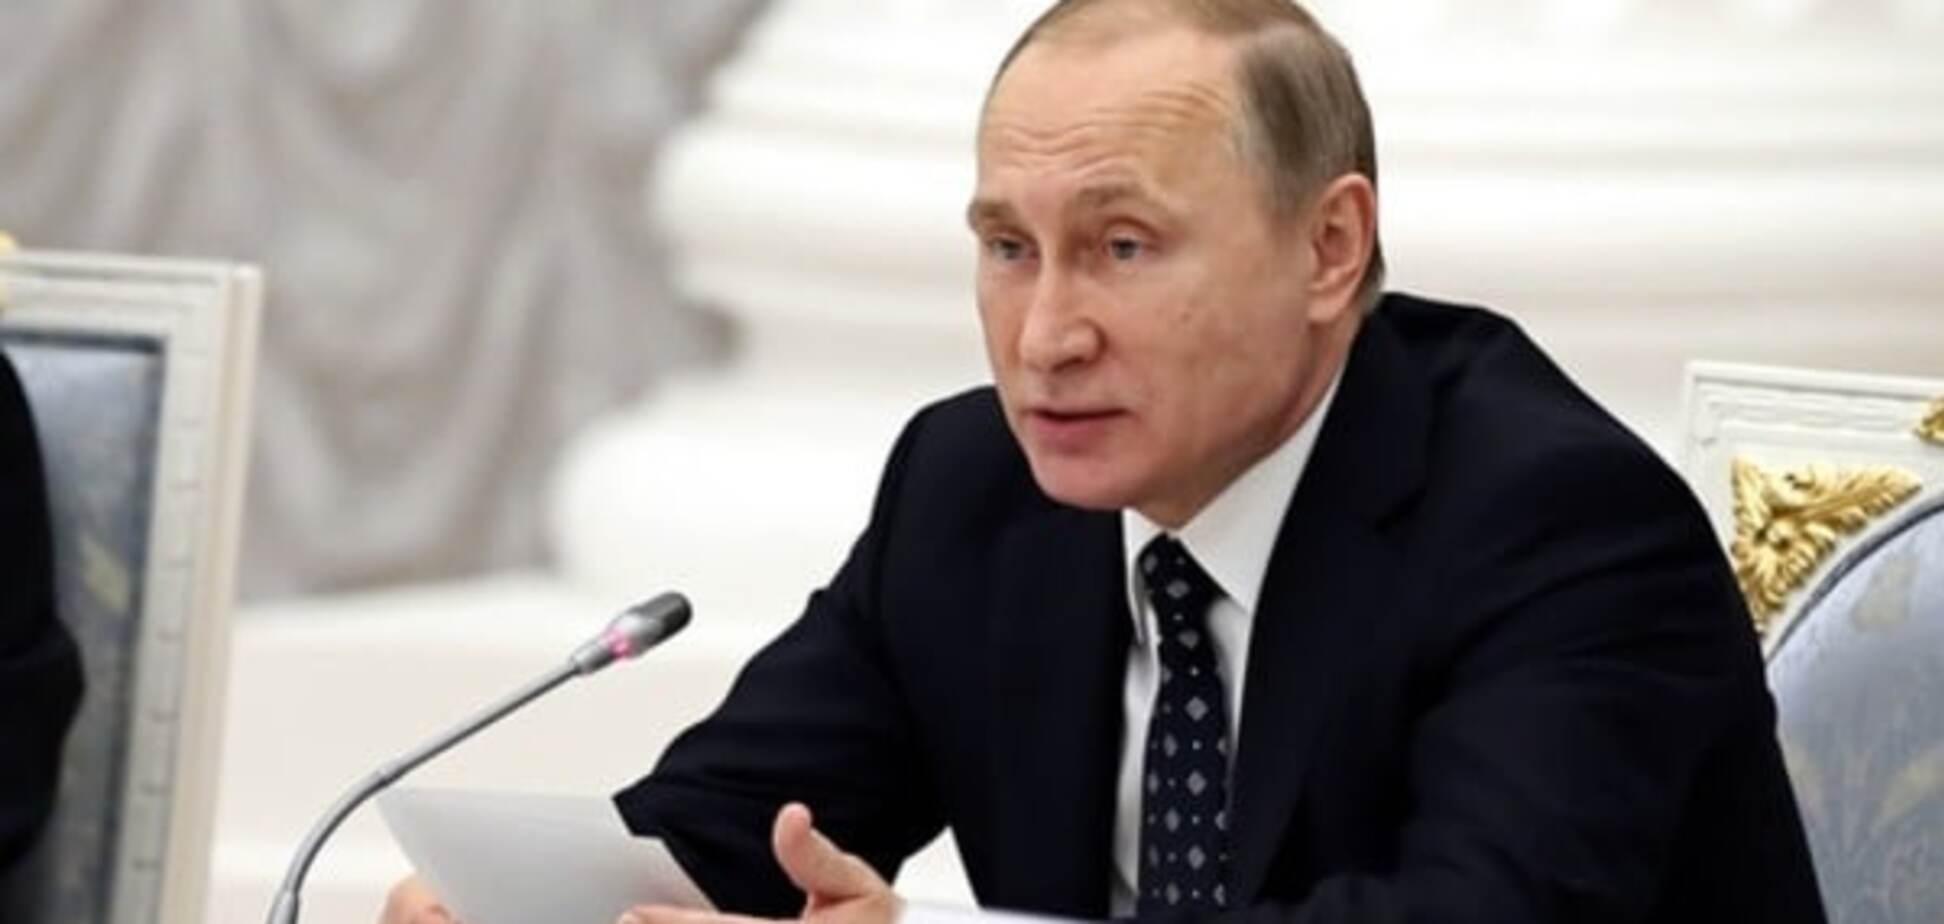 'Ймовірний вбивця': Фельштинський повідав, що загрожує Путіну за вбивство Литвиненка